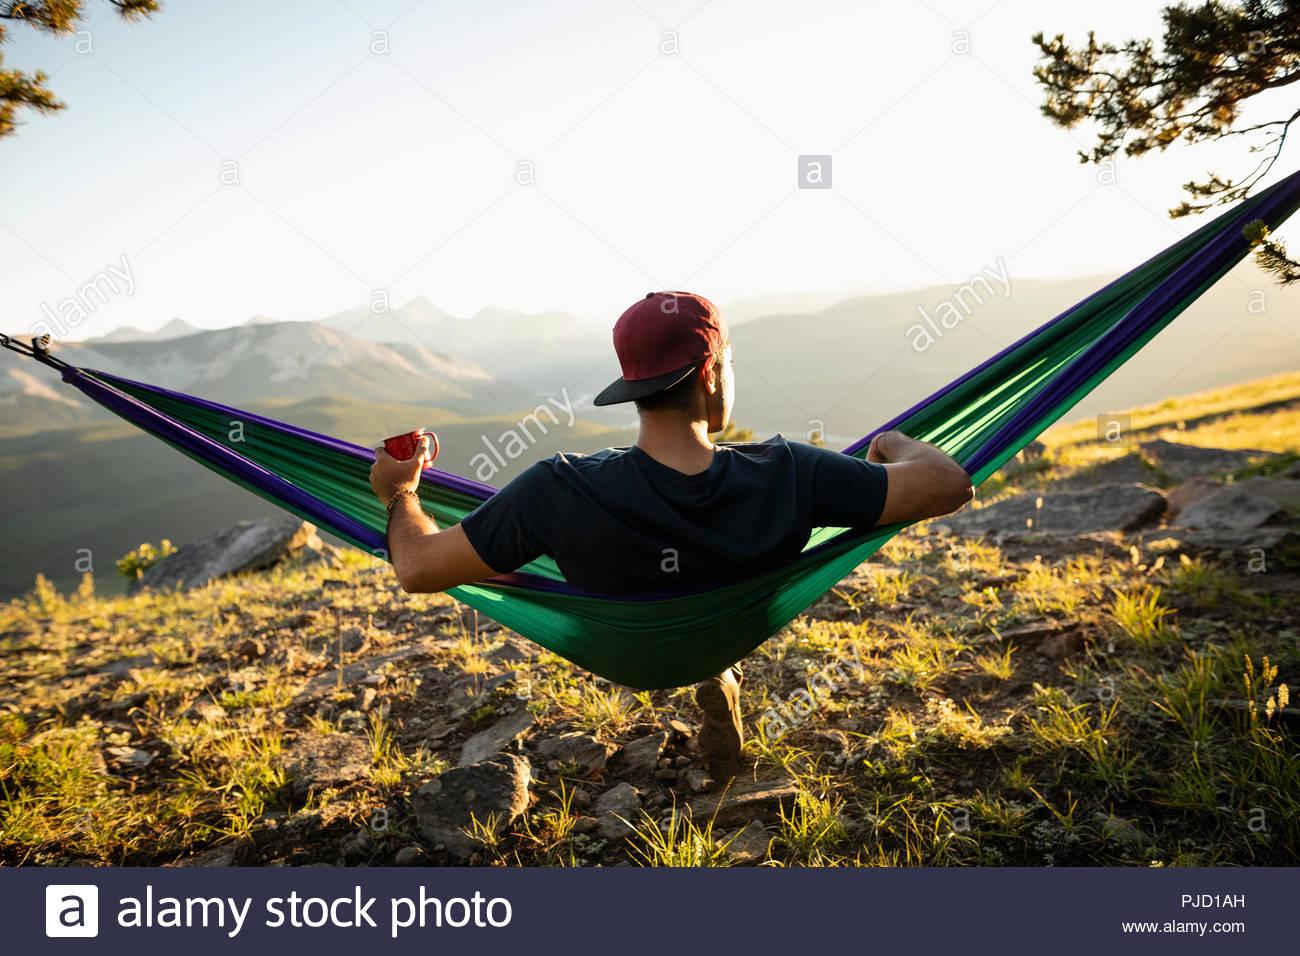 Heitere Menschen trinken Kaffee im sonnigen Hängematte mit idyllischen Bergblick, Alberta, Kanada Stockbild